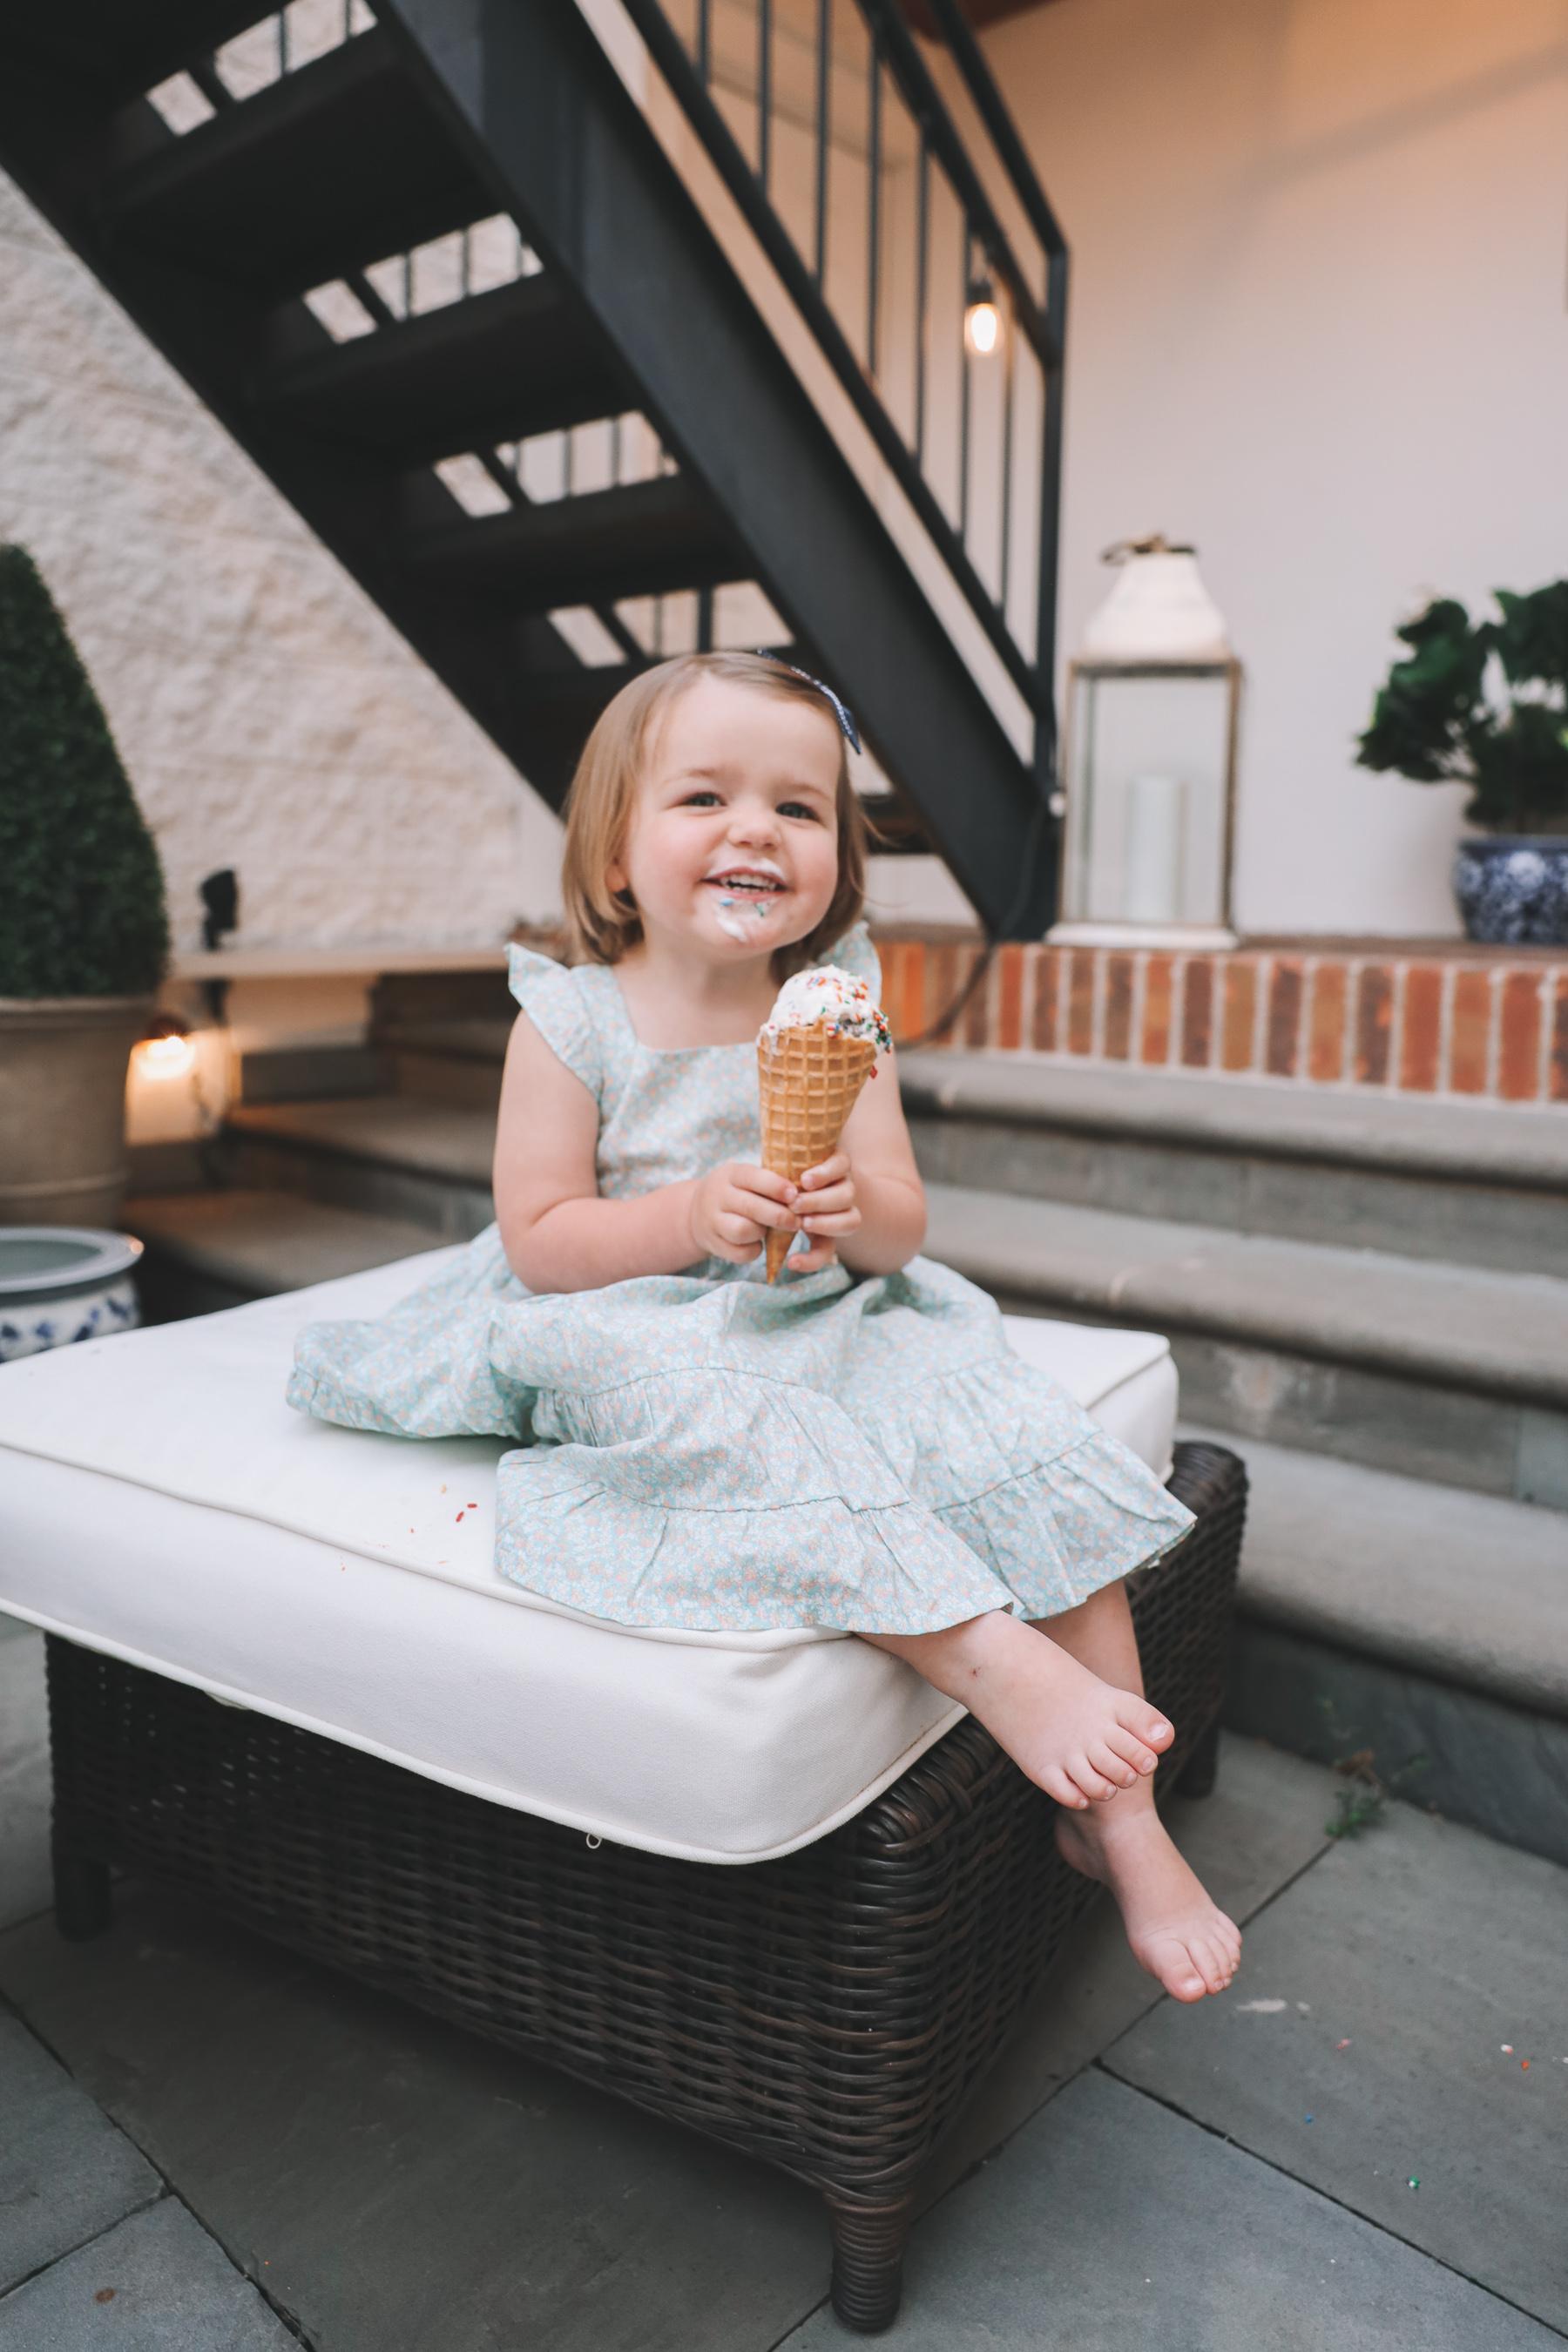 toddler enjoying ice cream